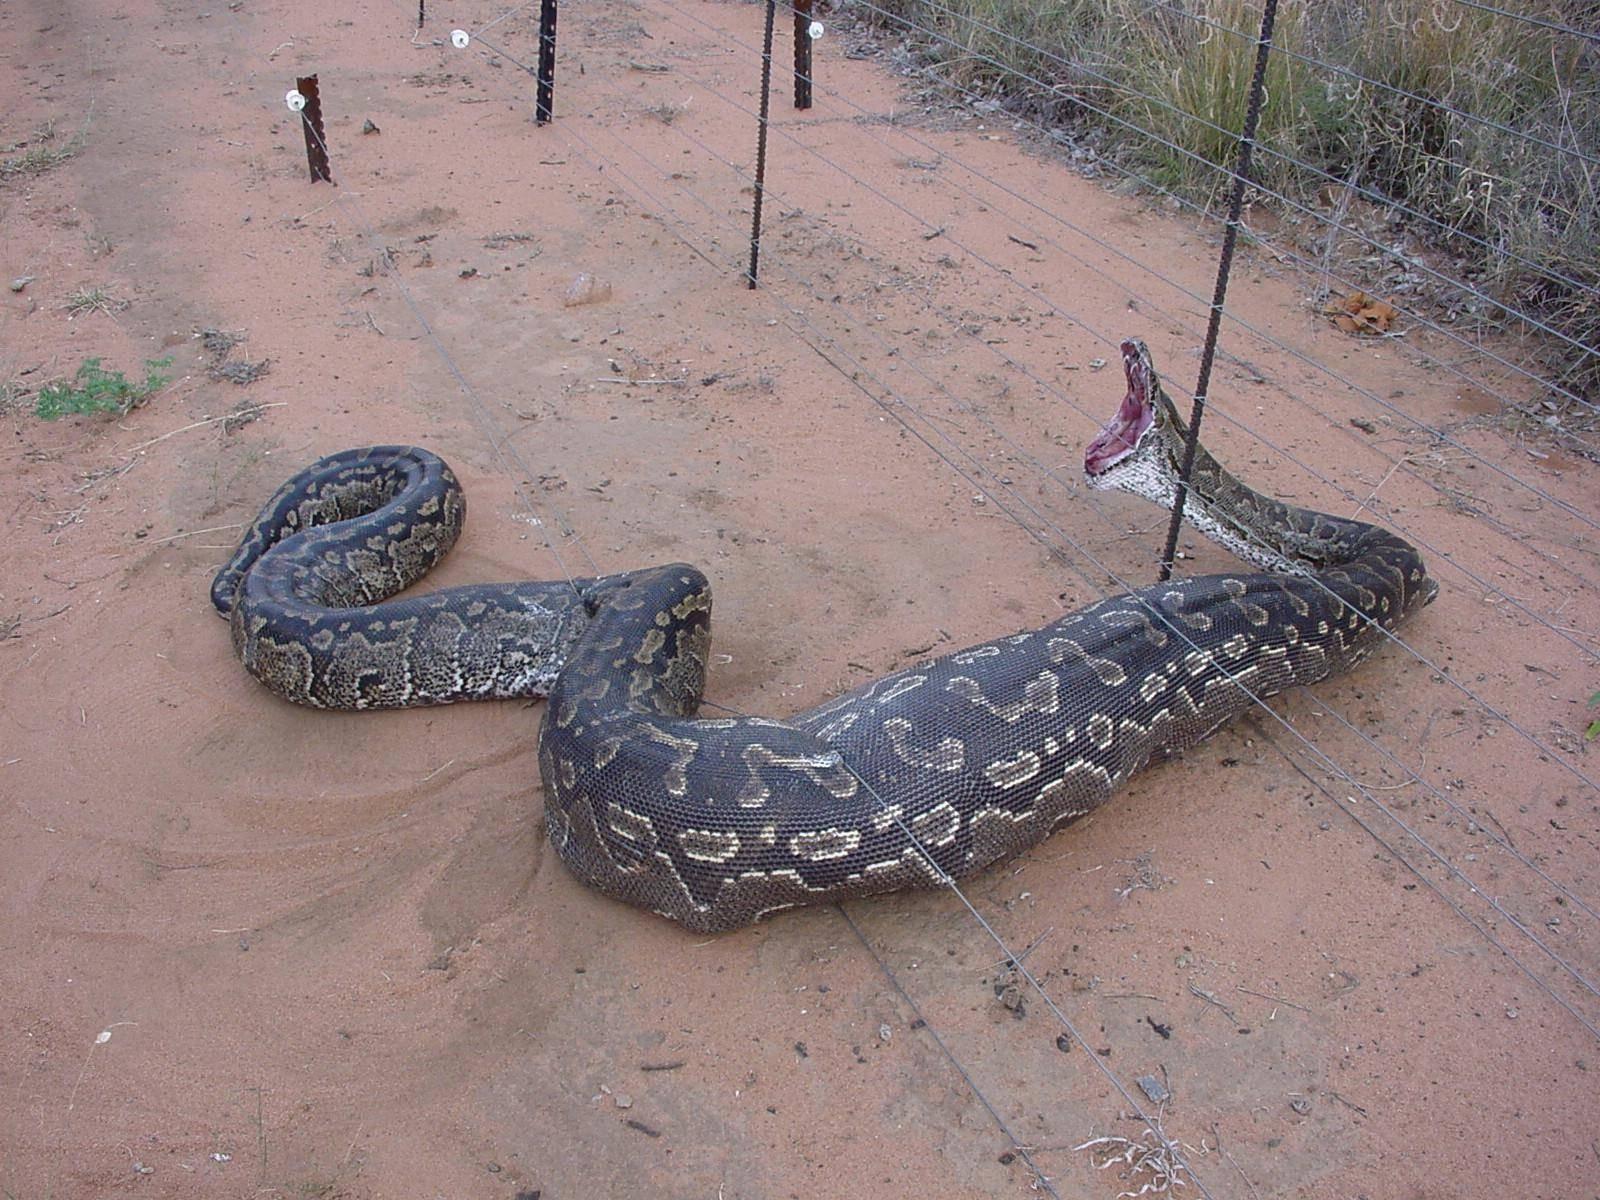 big ass snake - british expats